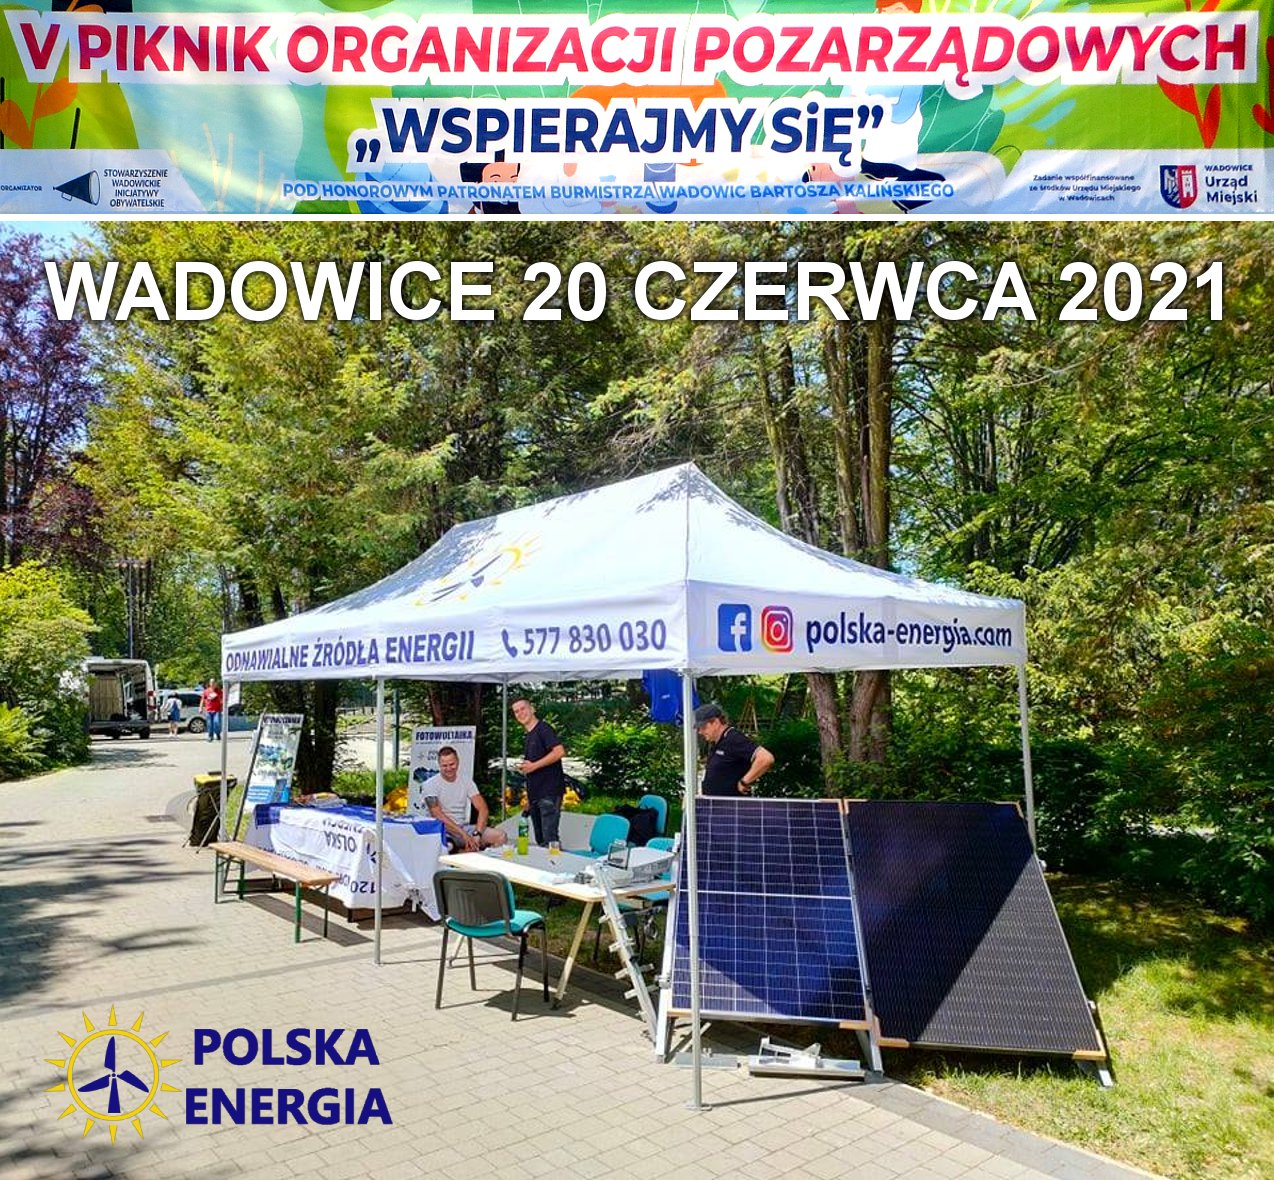 Firma fotowoltaiczna Polska Energia podczas V Pikniku Organizacji Pozarządowych w Wadowicach